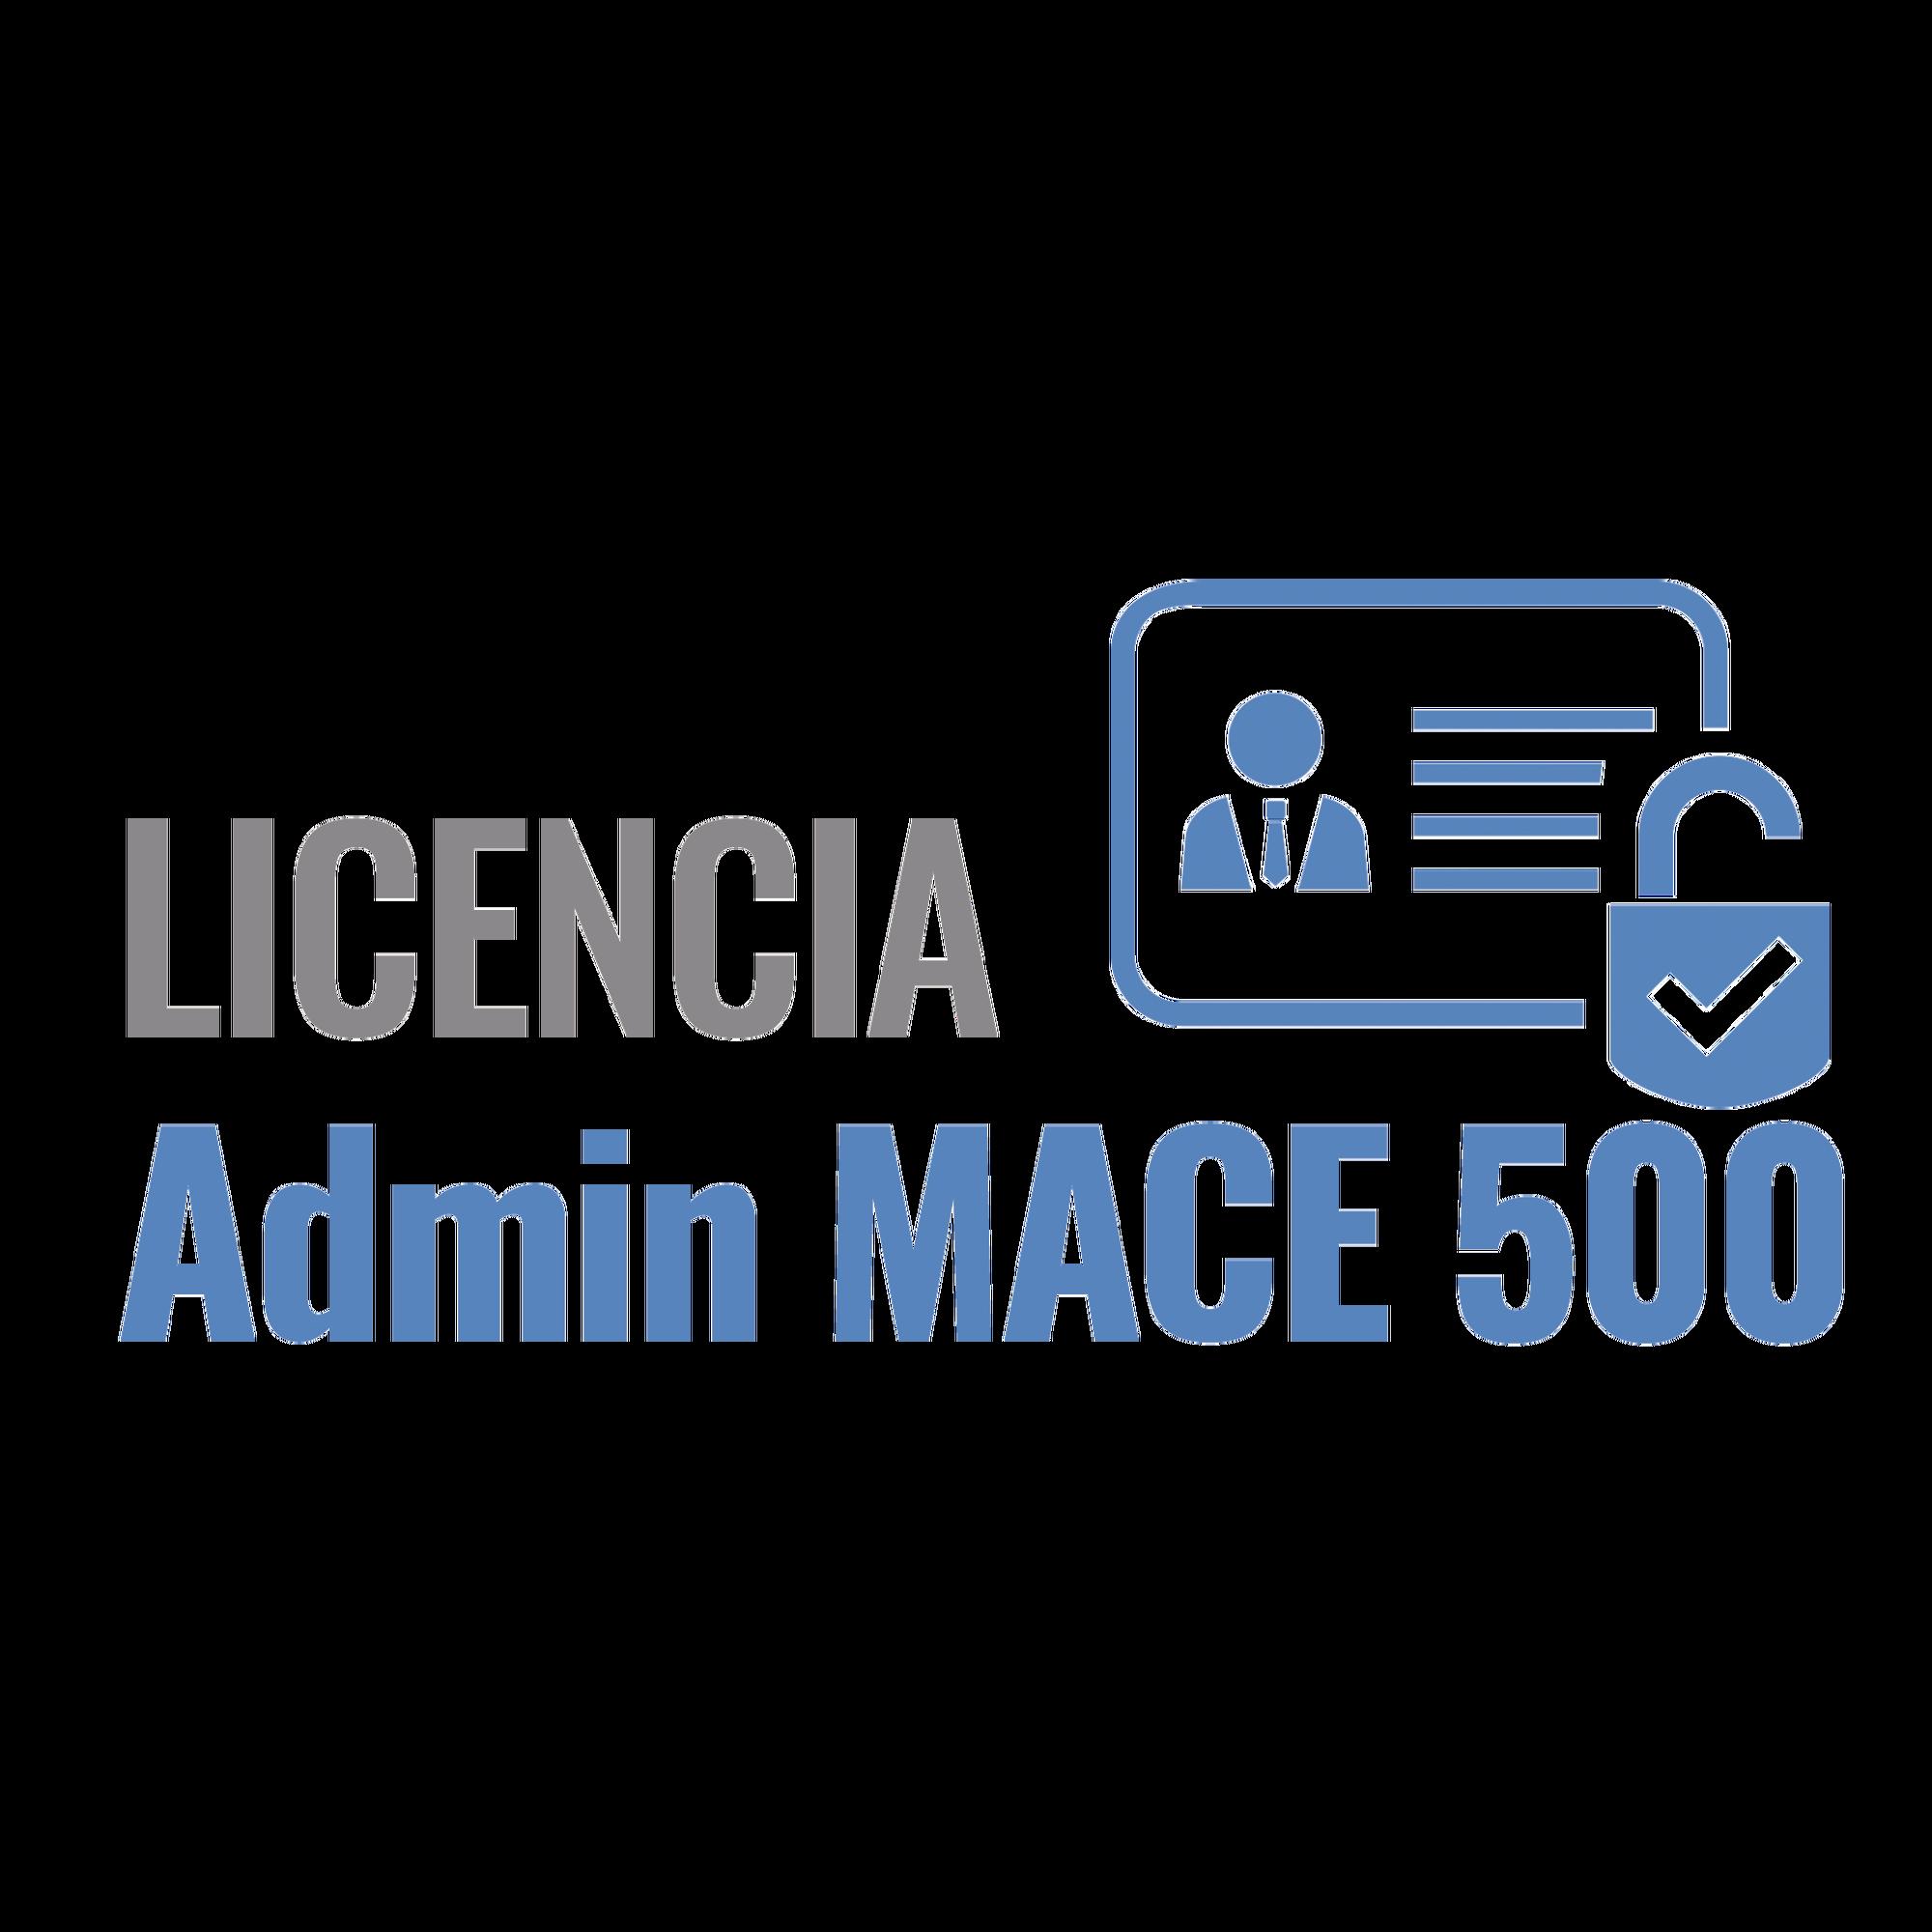 Paquete de 500 tarjetas virtuales y servicio de administracion (licencia de 1 año)